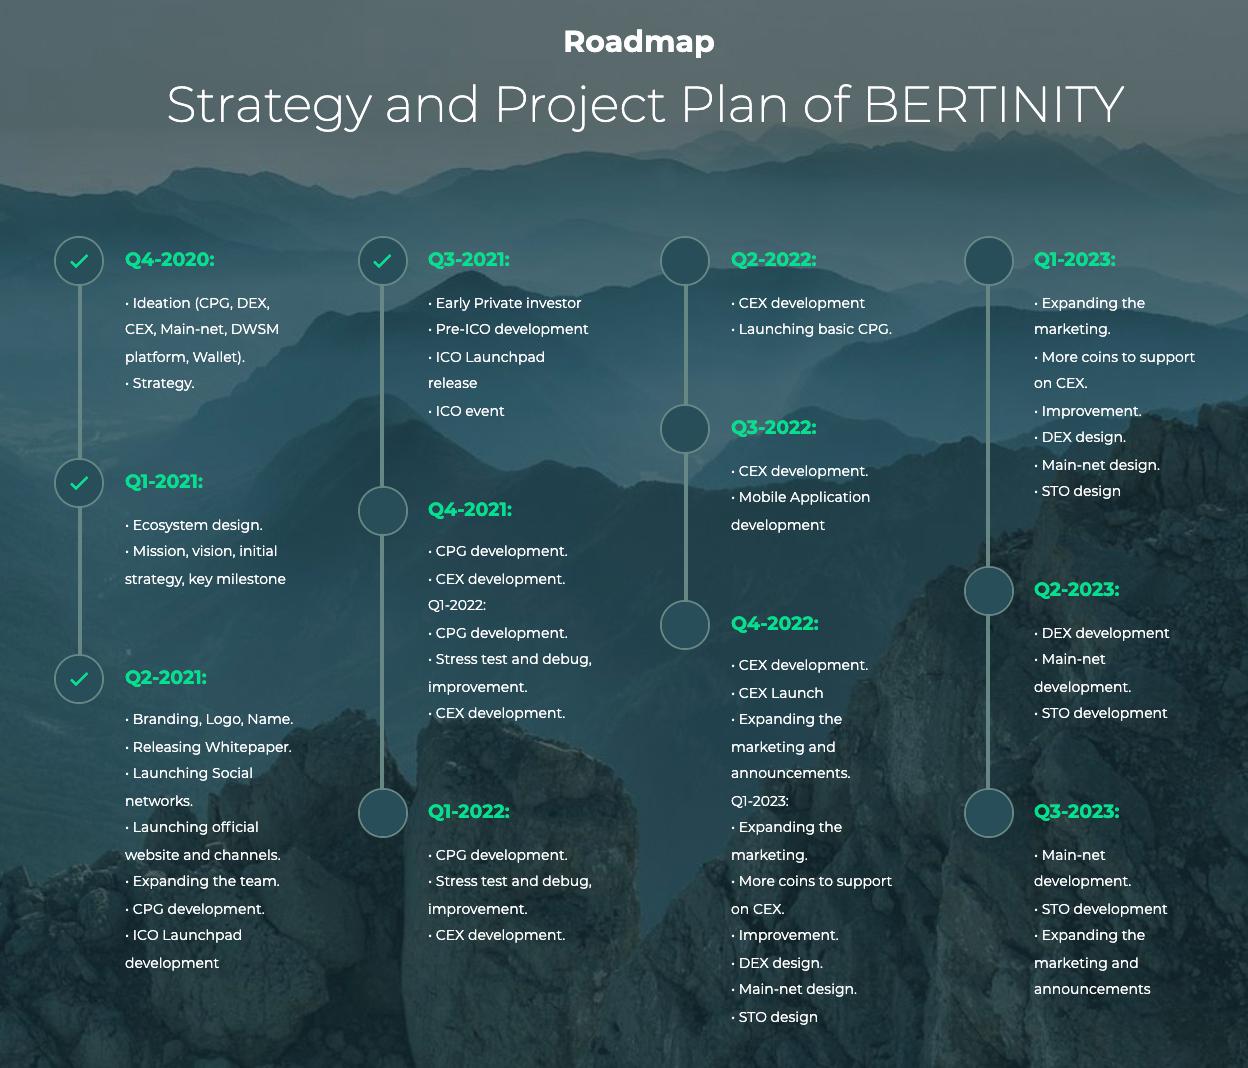 bertinity roadmap